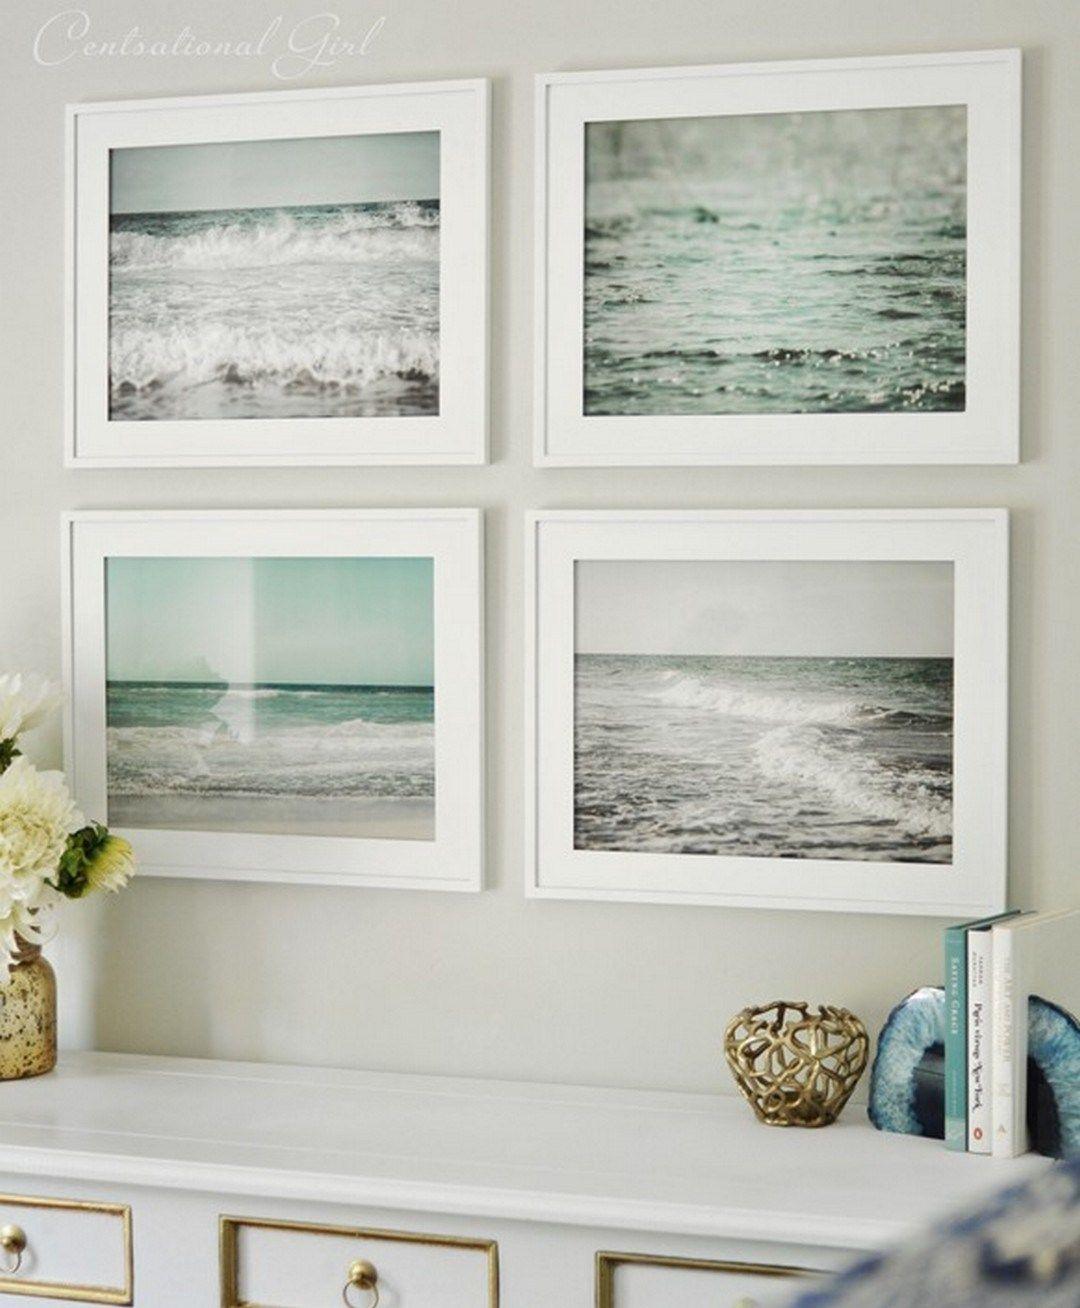 99 Perfect For A Beach Themed Bathroom Ideas (27